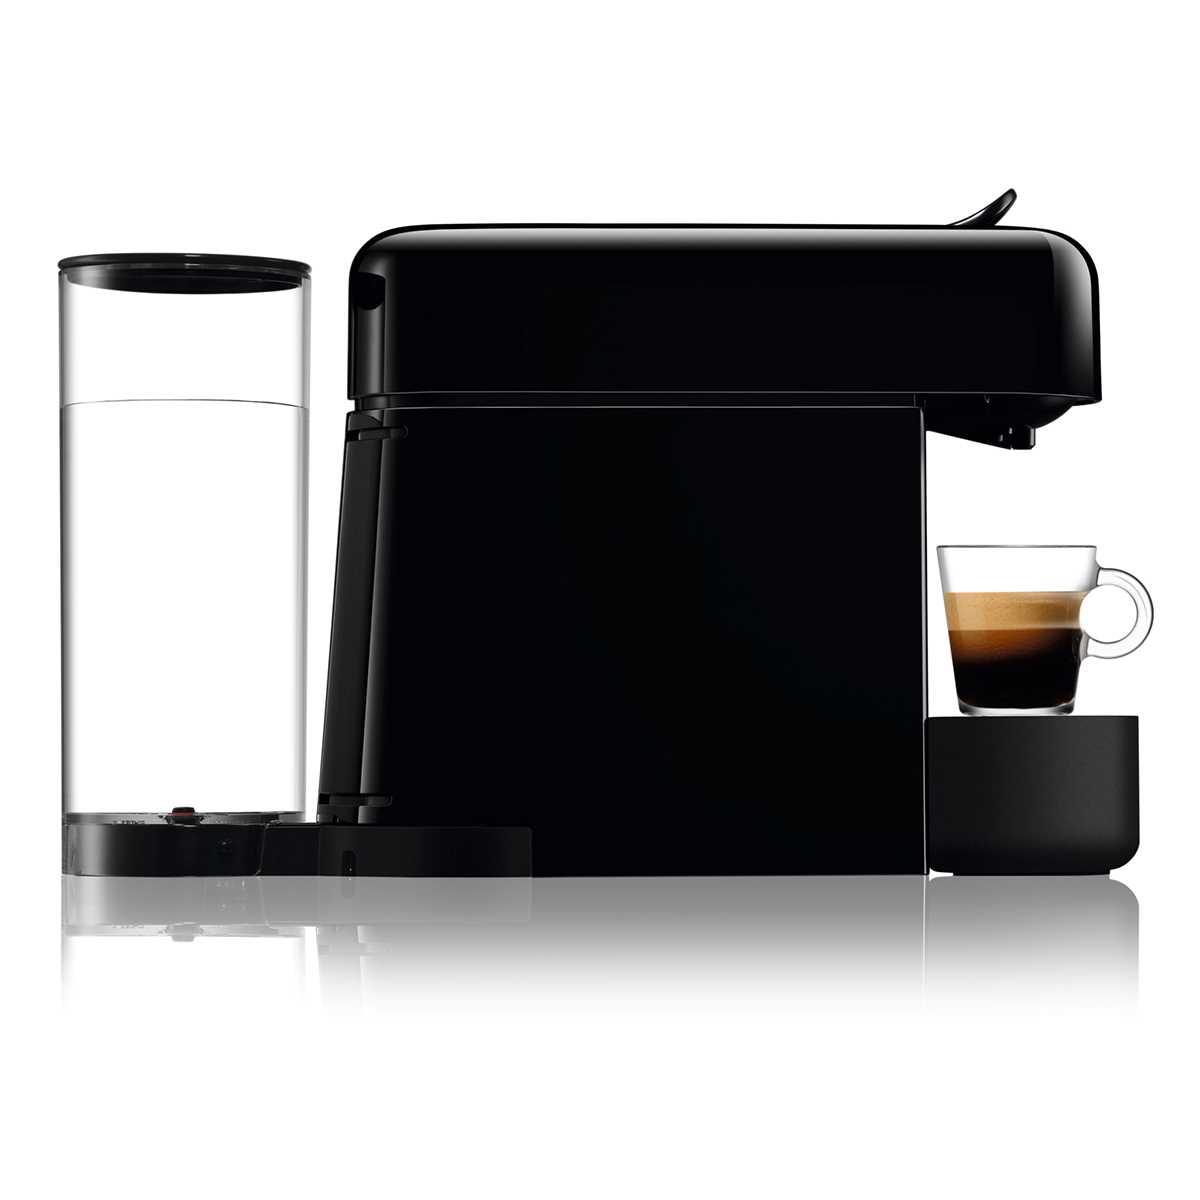 מכונת אספרסו Nespresso Essenza D45 Plus נספרסו - תמונה 3